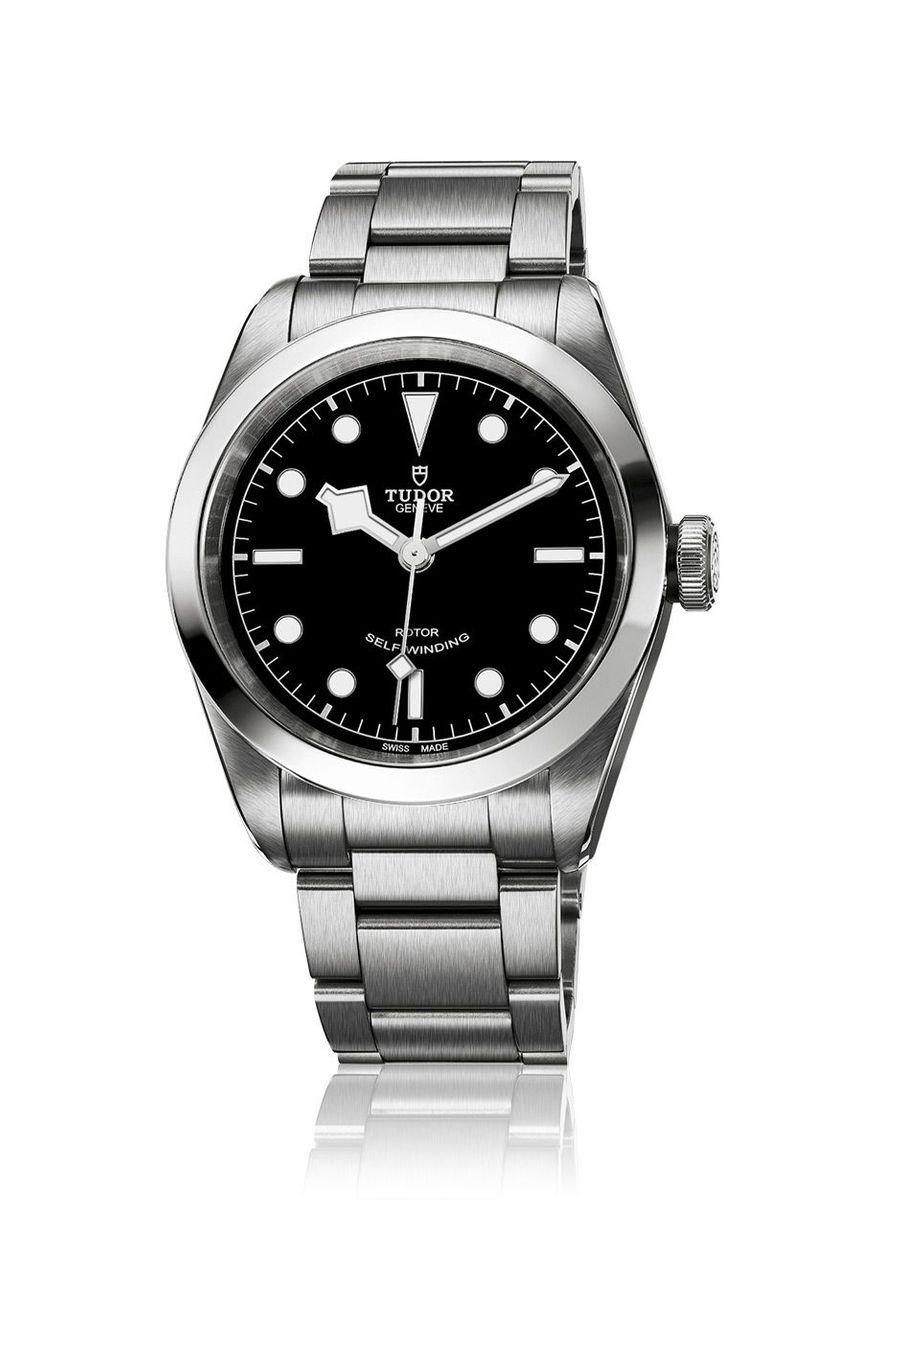 Heritage Black Bay en acier, 41 mm, mouvement automatique, bracelet en acier. Tudor. 2 770 €.